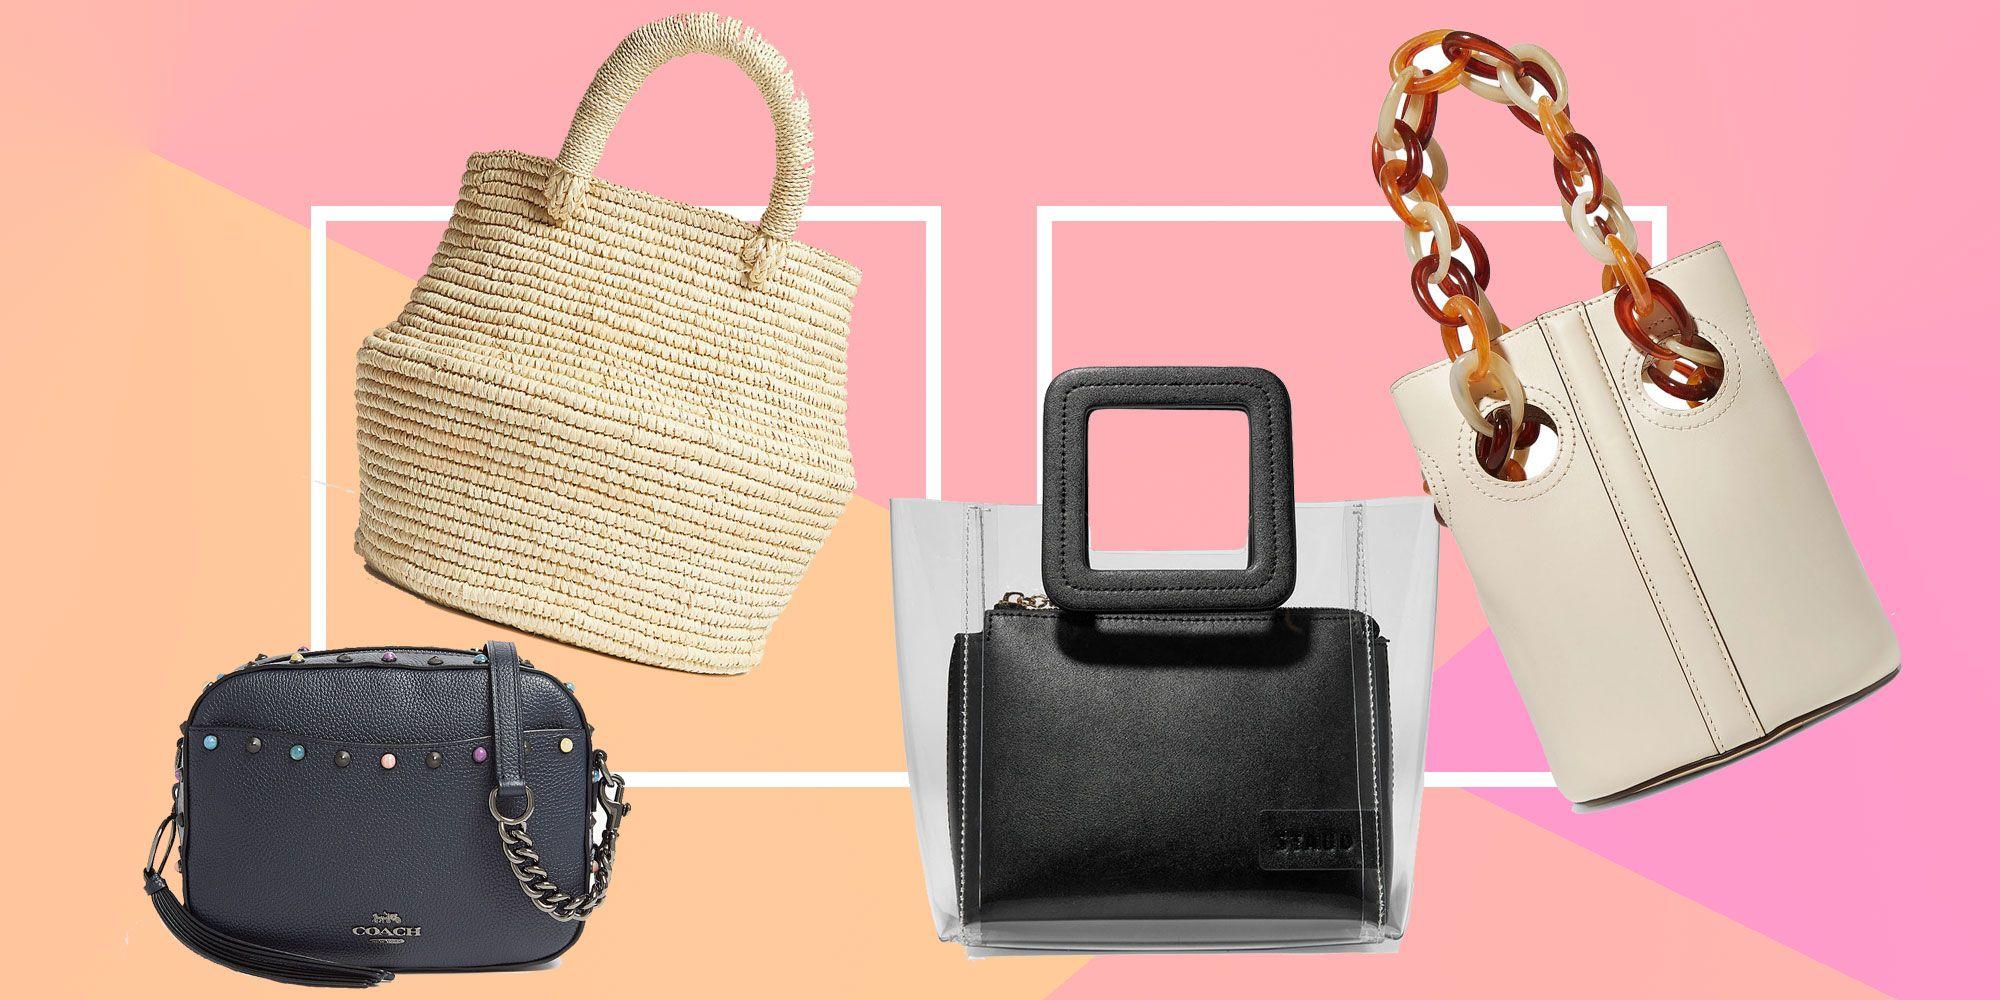 58e0f12d30d Cheap designer bags under £300 - best cheap designer handbags